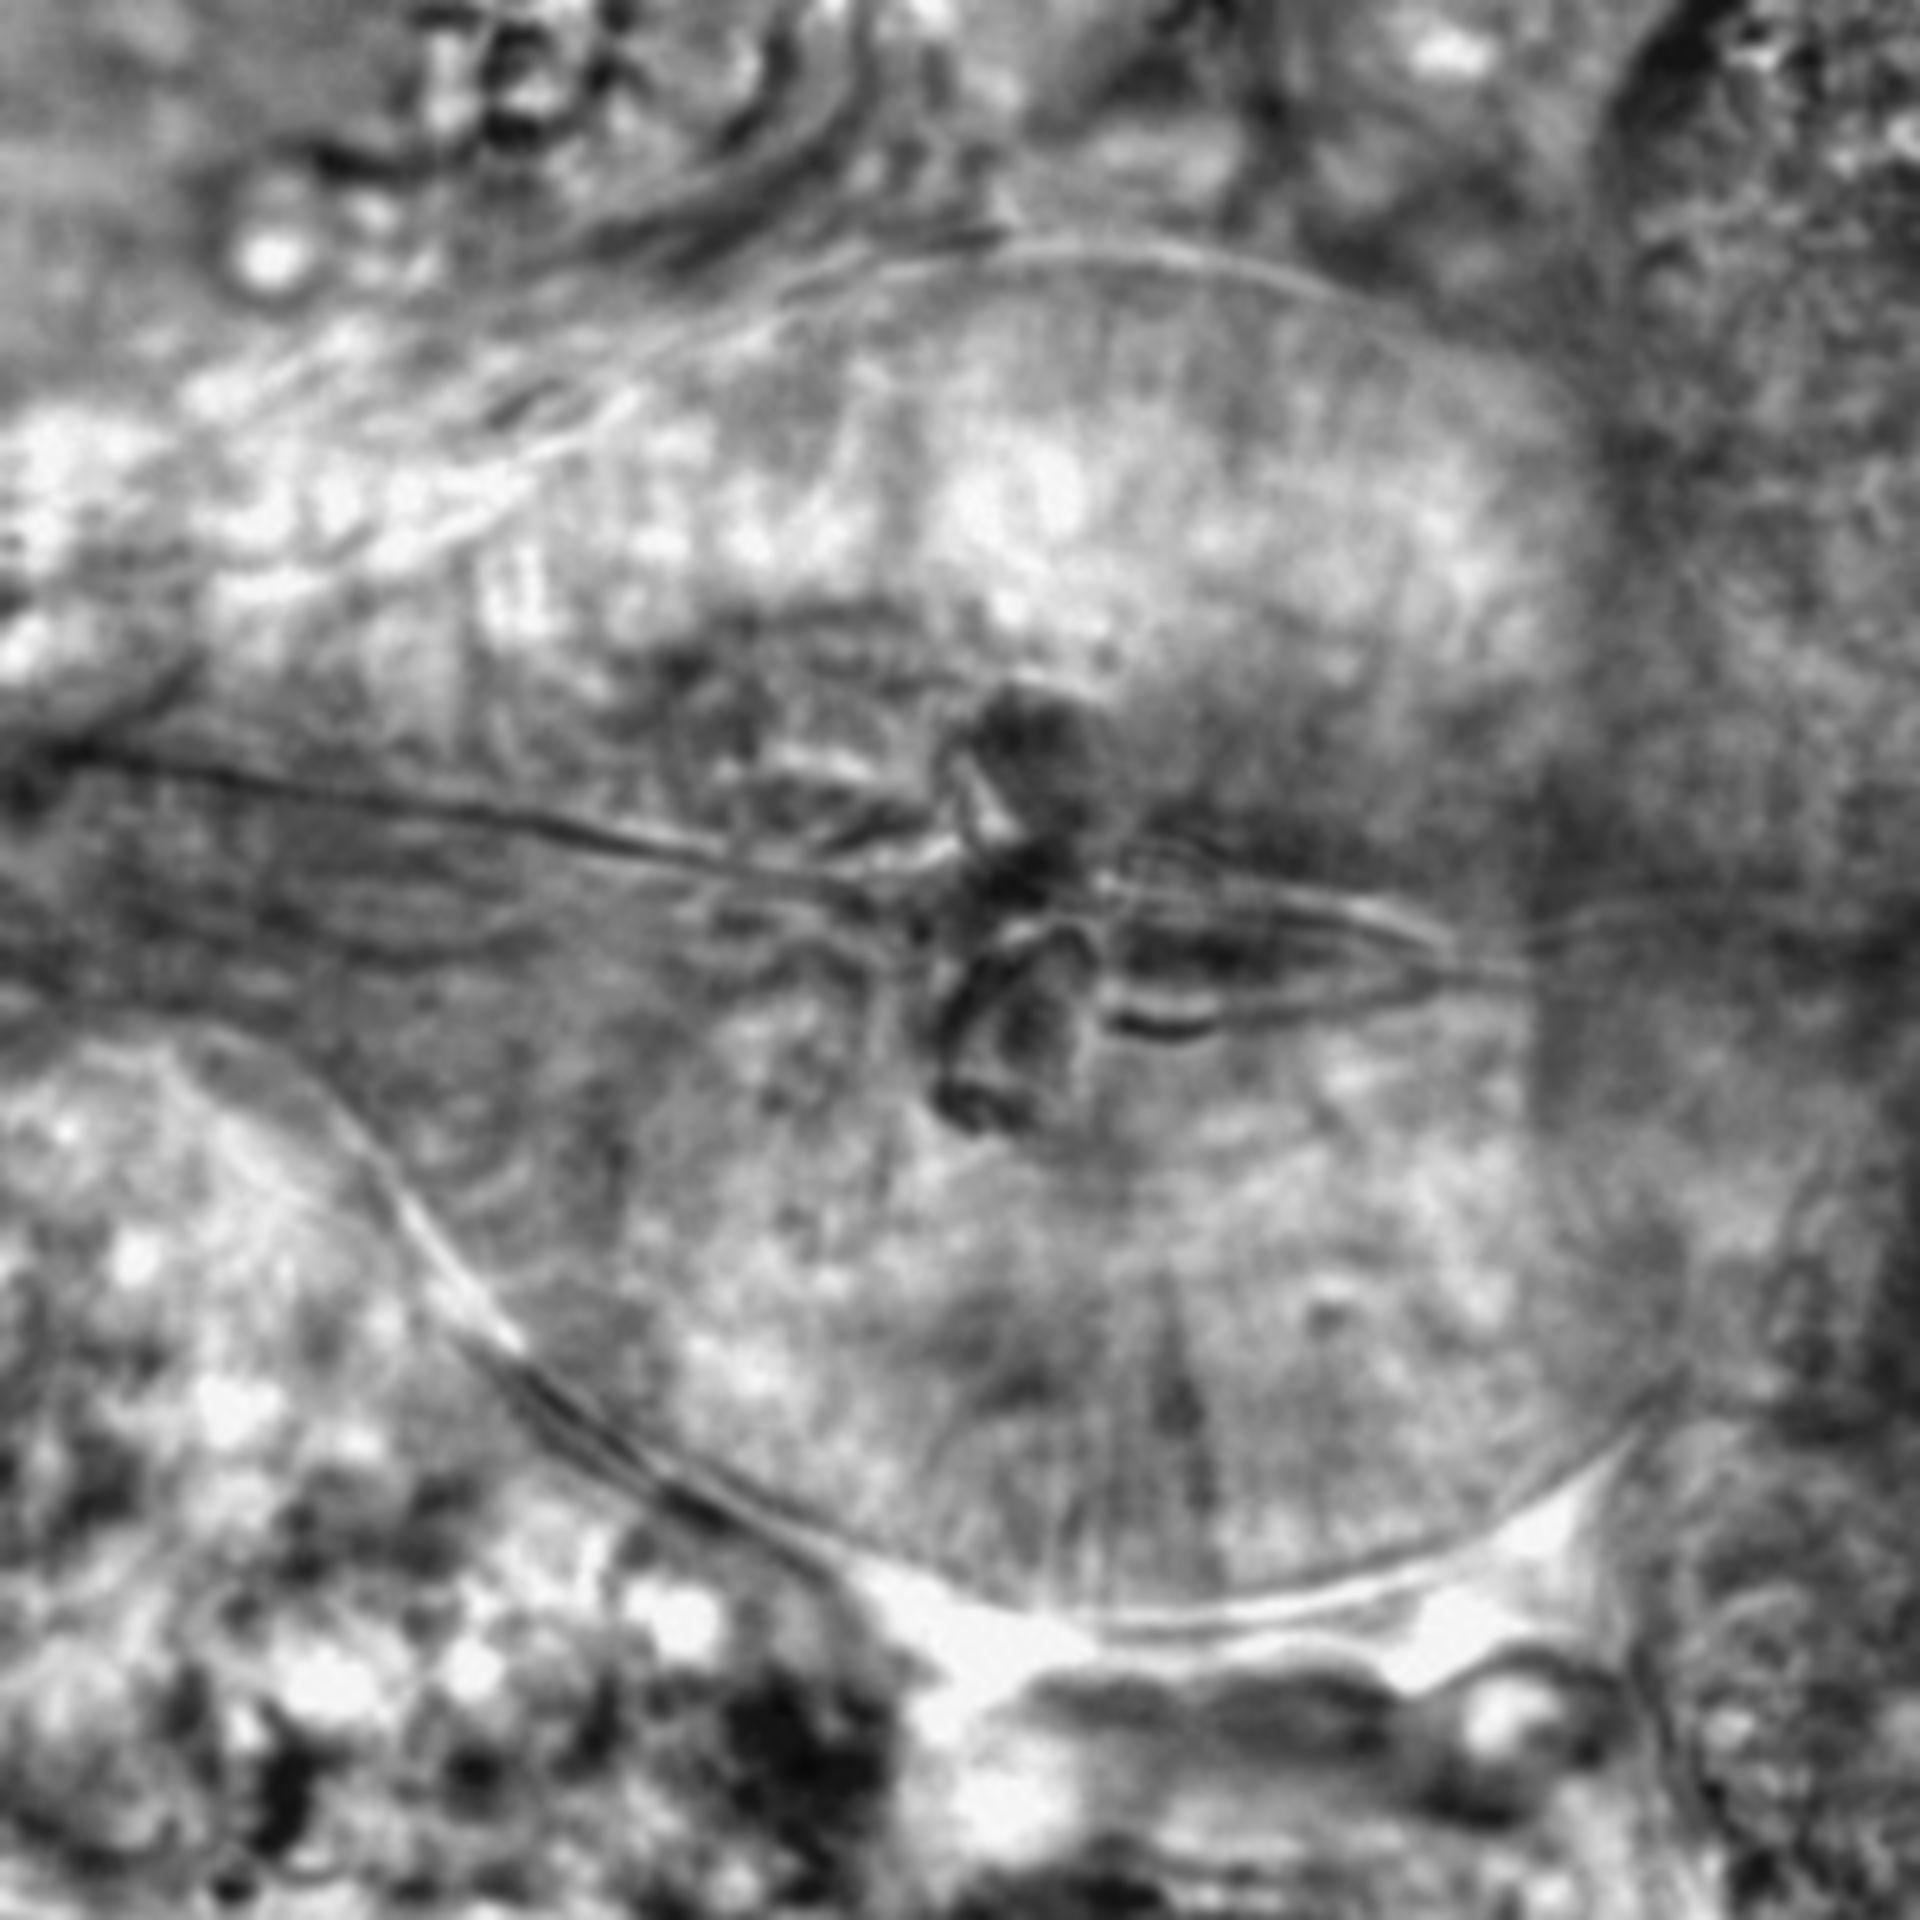 Caenorhabditis elegans - CIL:1740